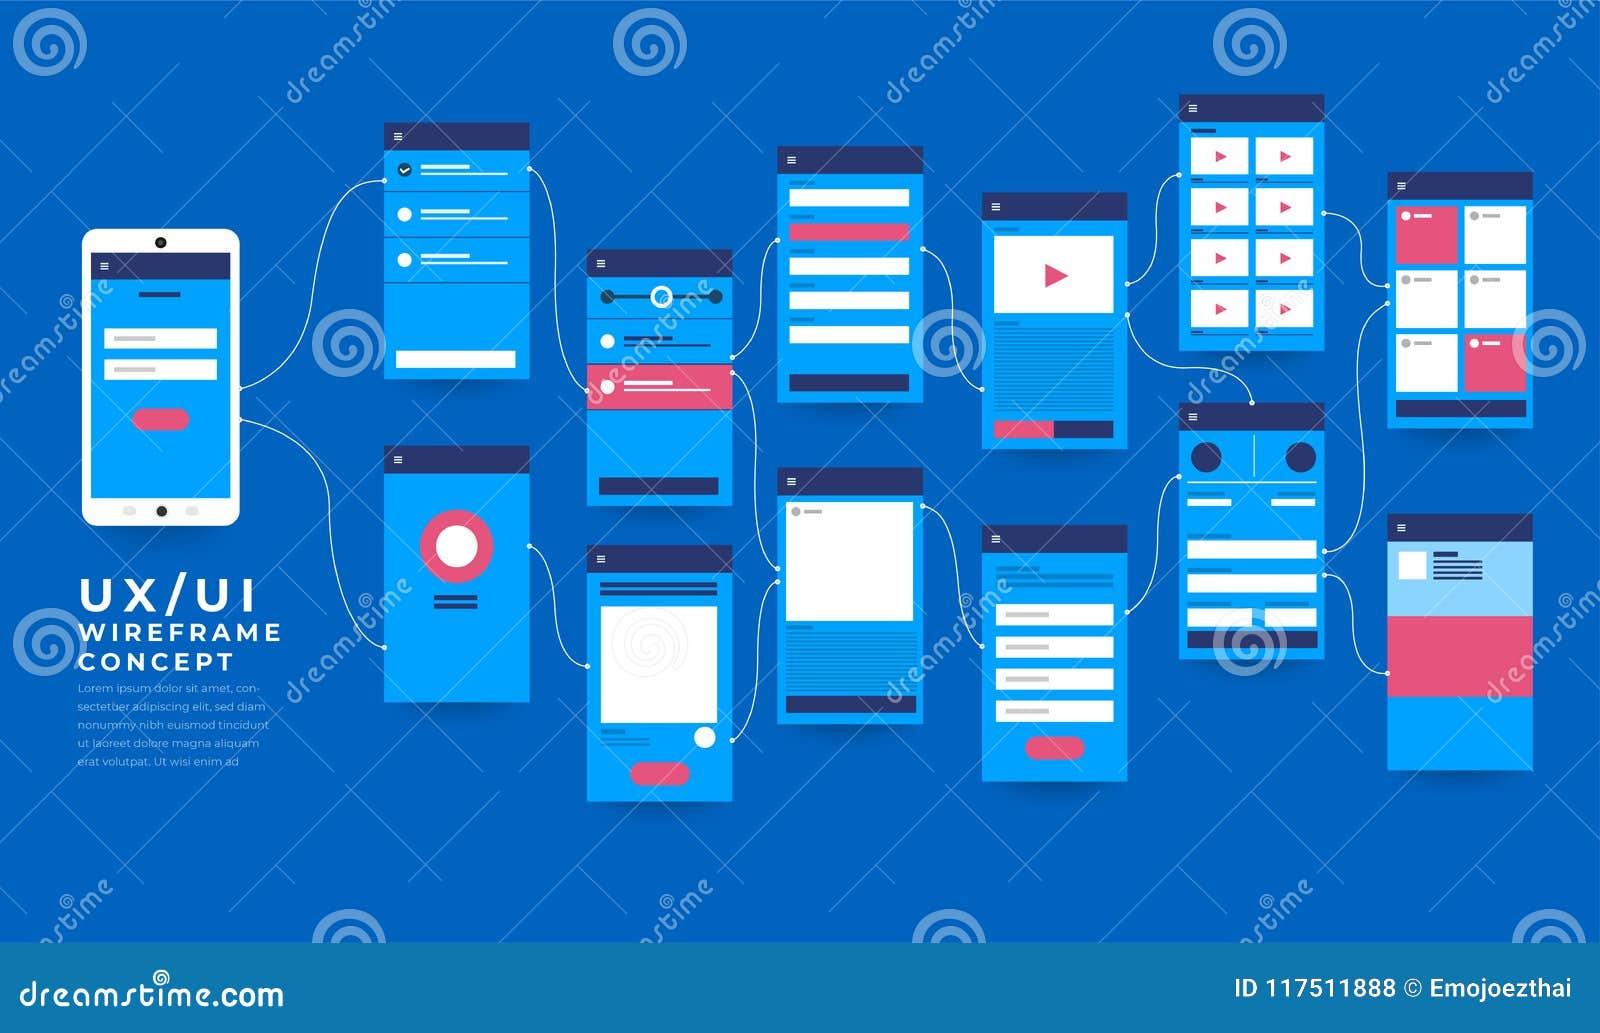 UX UI Flowchart. Mock-ups mobile application concept flat desig